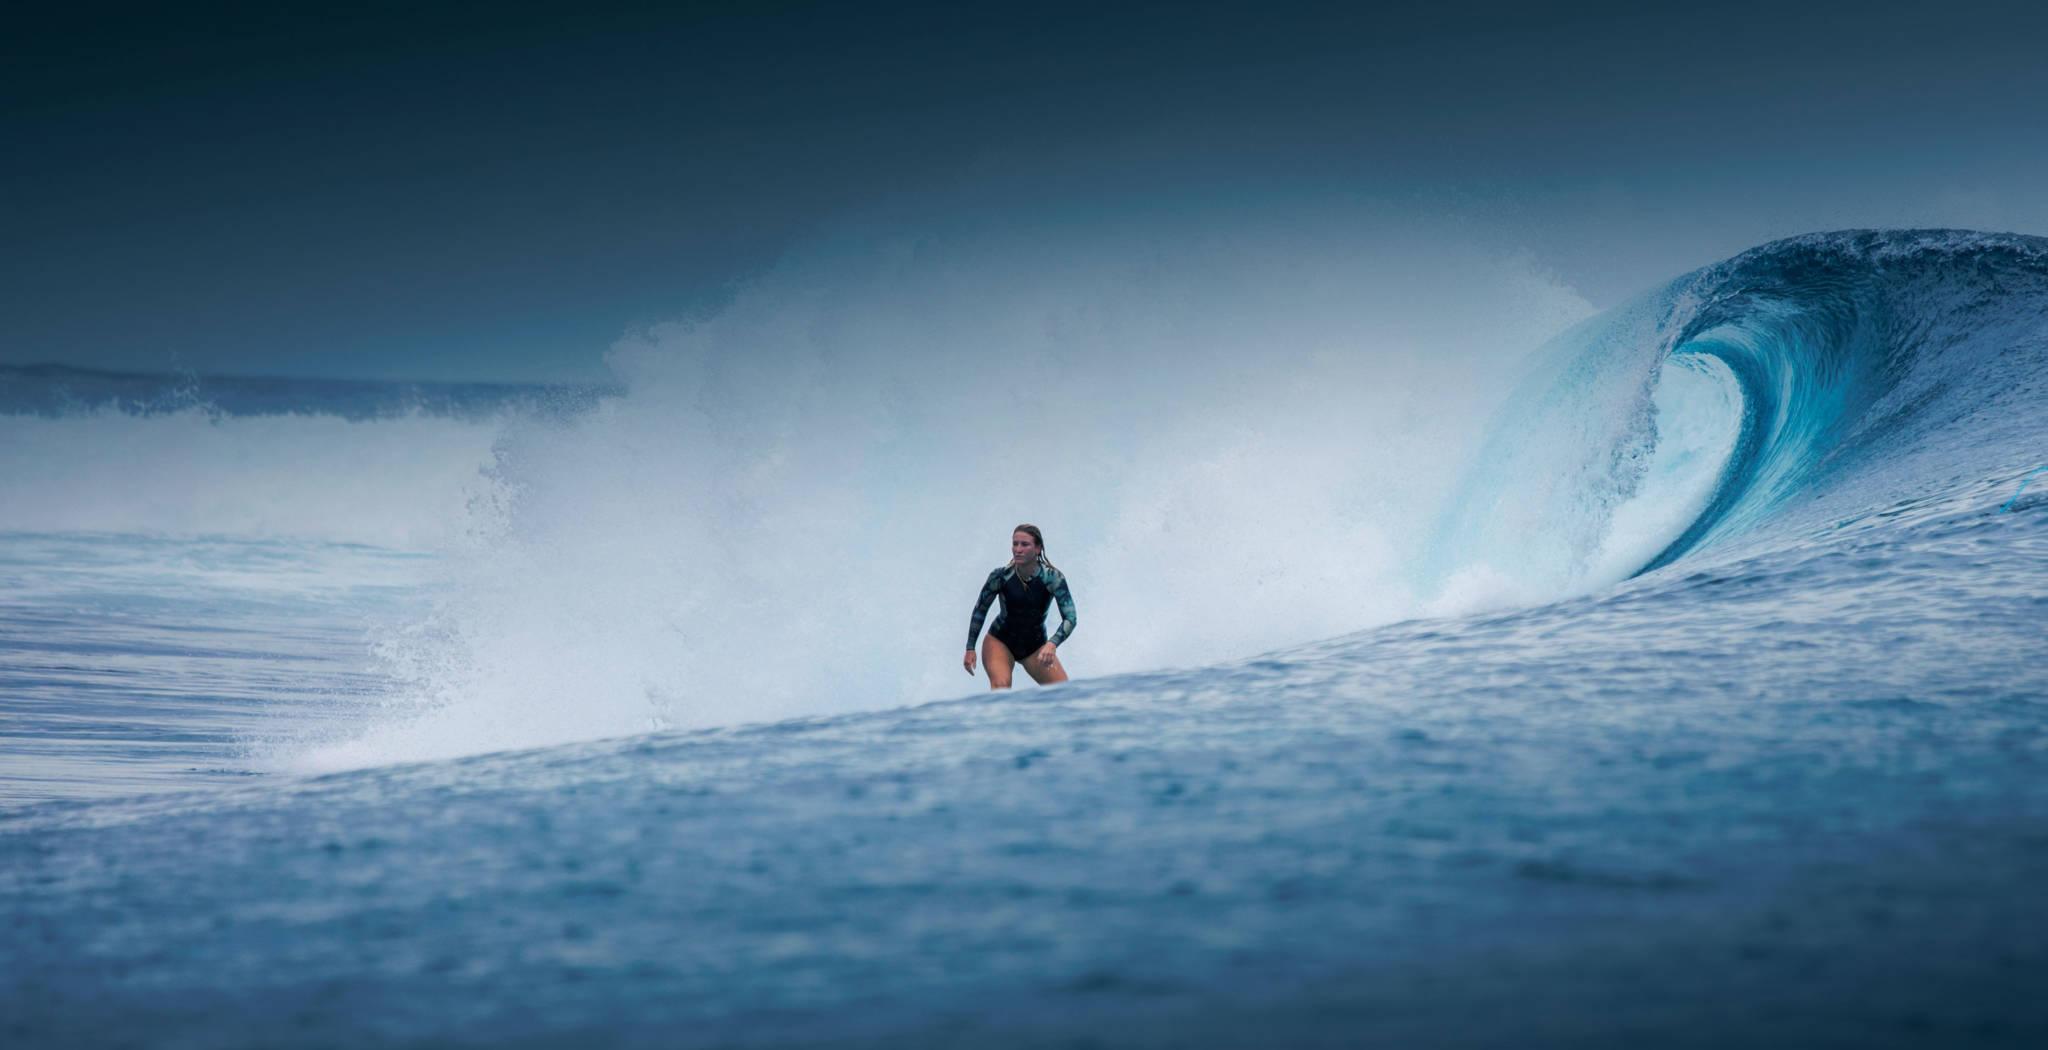 st barth surf team with Tessa Thyssen